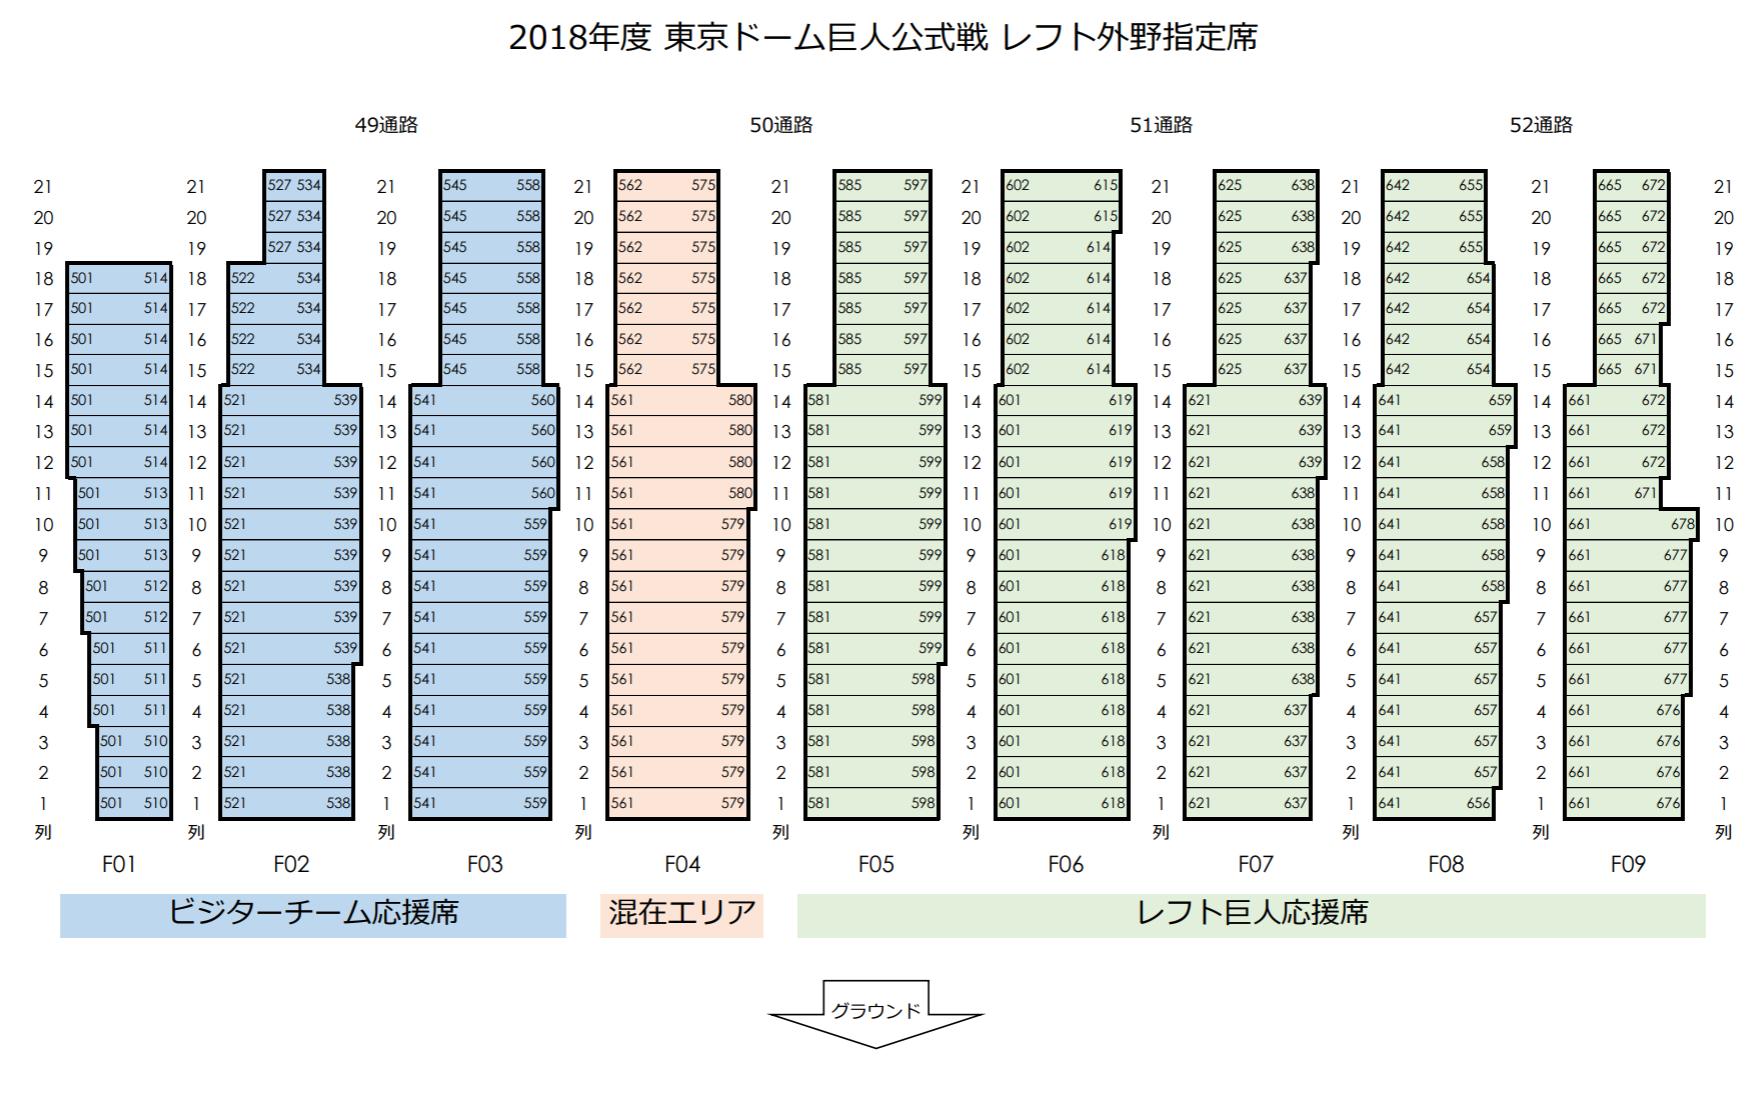 東京ドームレフト外野指定席座席表